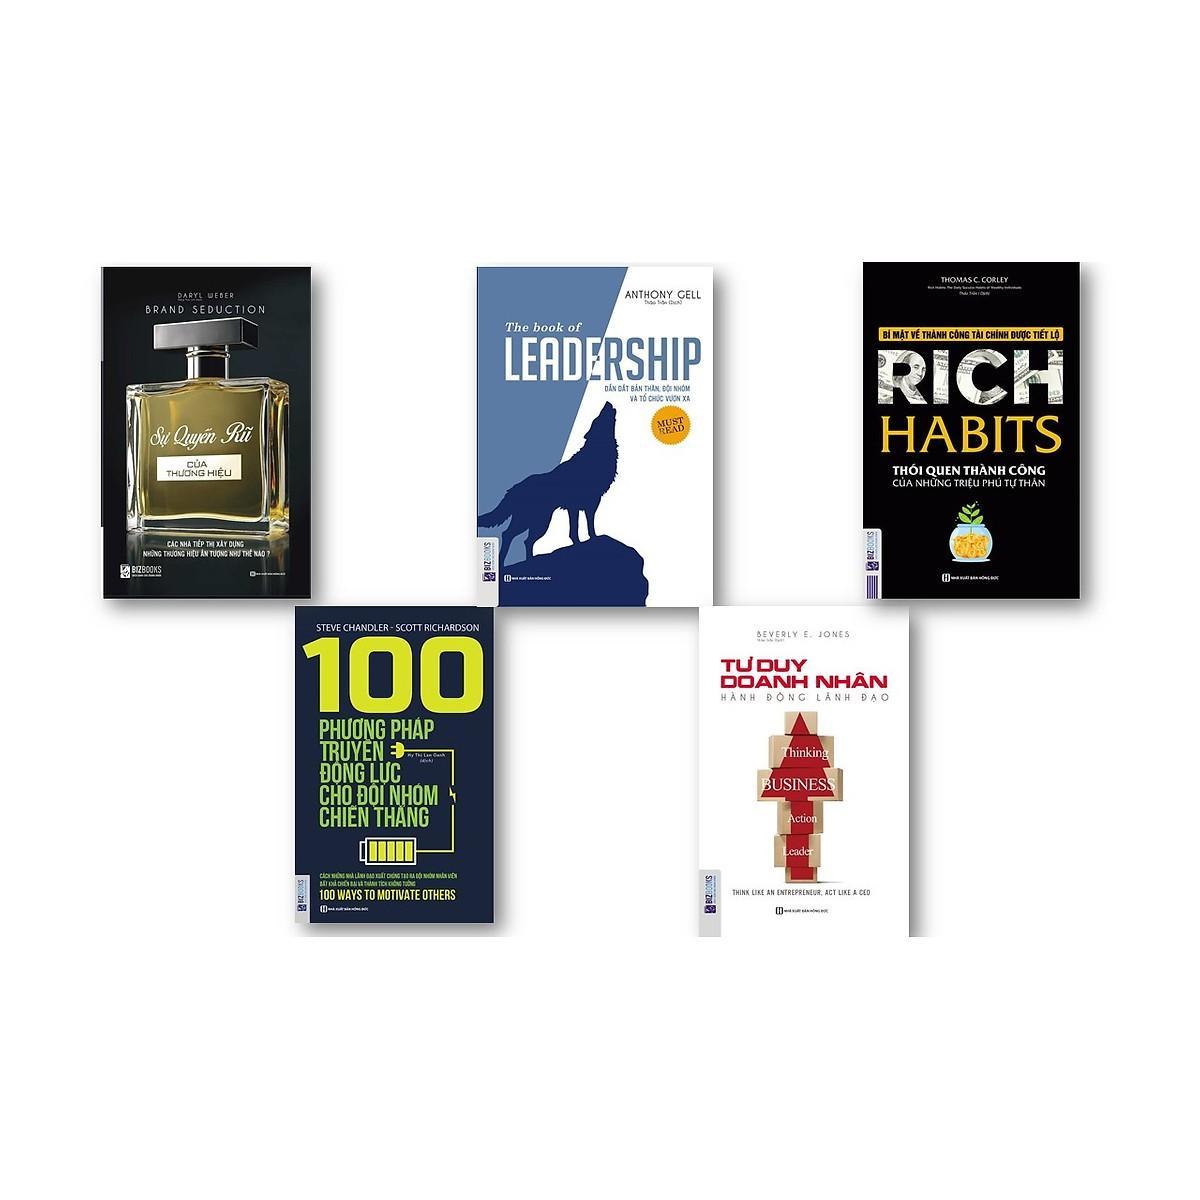 Mua Combo combo 5 cuốn sách : Leadership + Rich Habits thói quen thành công của những tự phú tự thân + Tư Duy Doanh Nhân Hành Động Lãnh Đạo + Sự Quyến Rũ Của Thương Hiệu + 100 Phương Pháp Truyền Động Lực Cho Đội nhóm chiến thắng